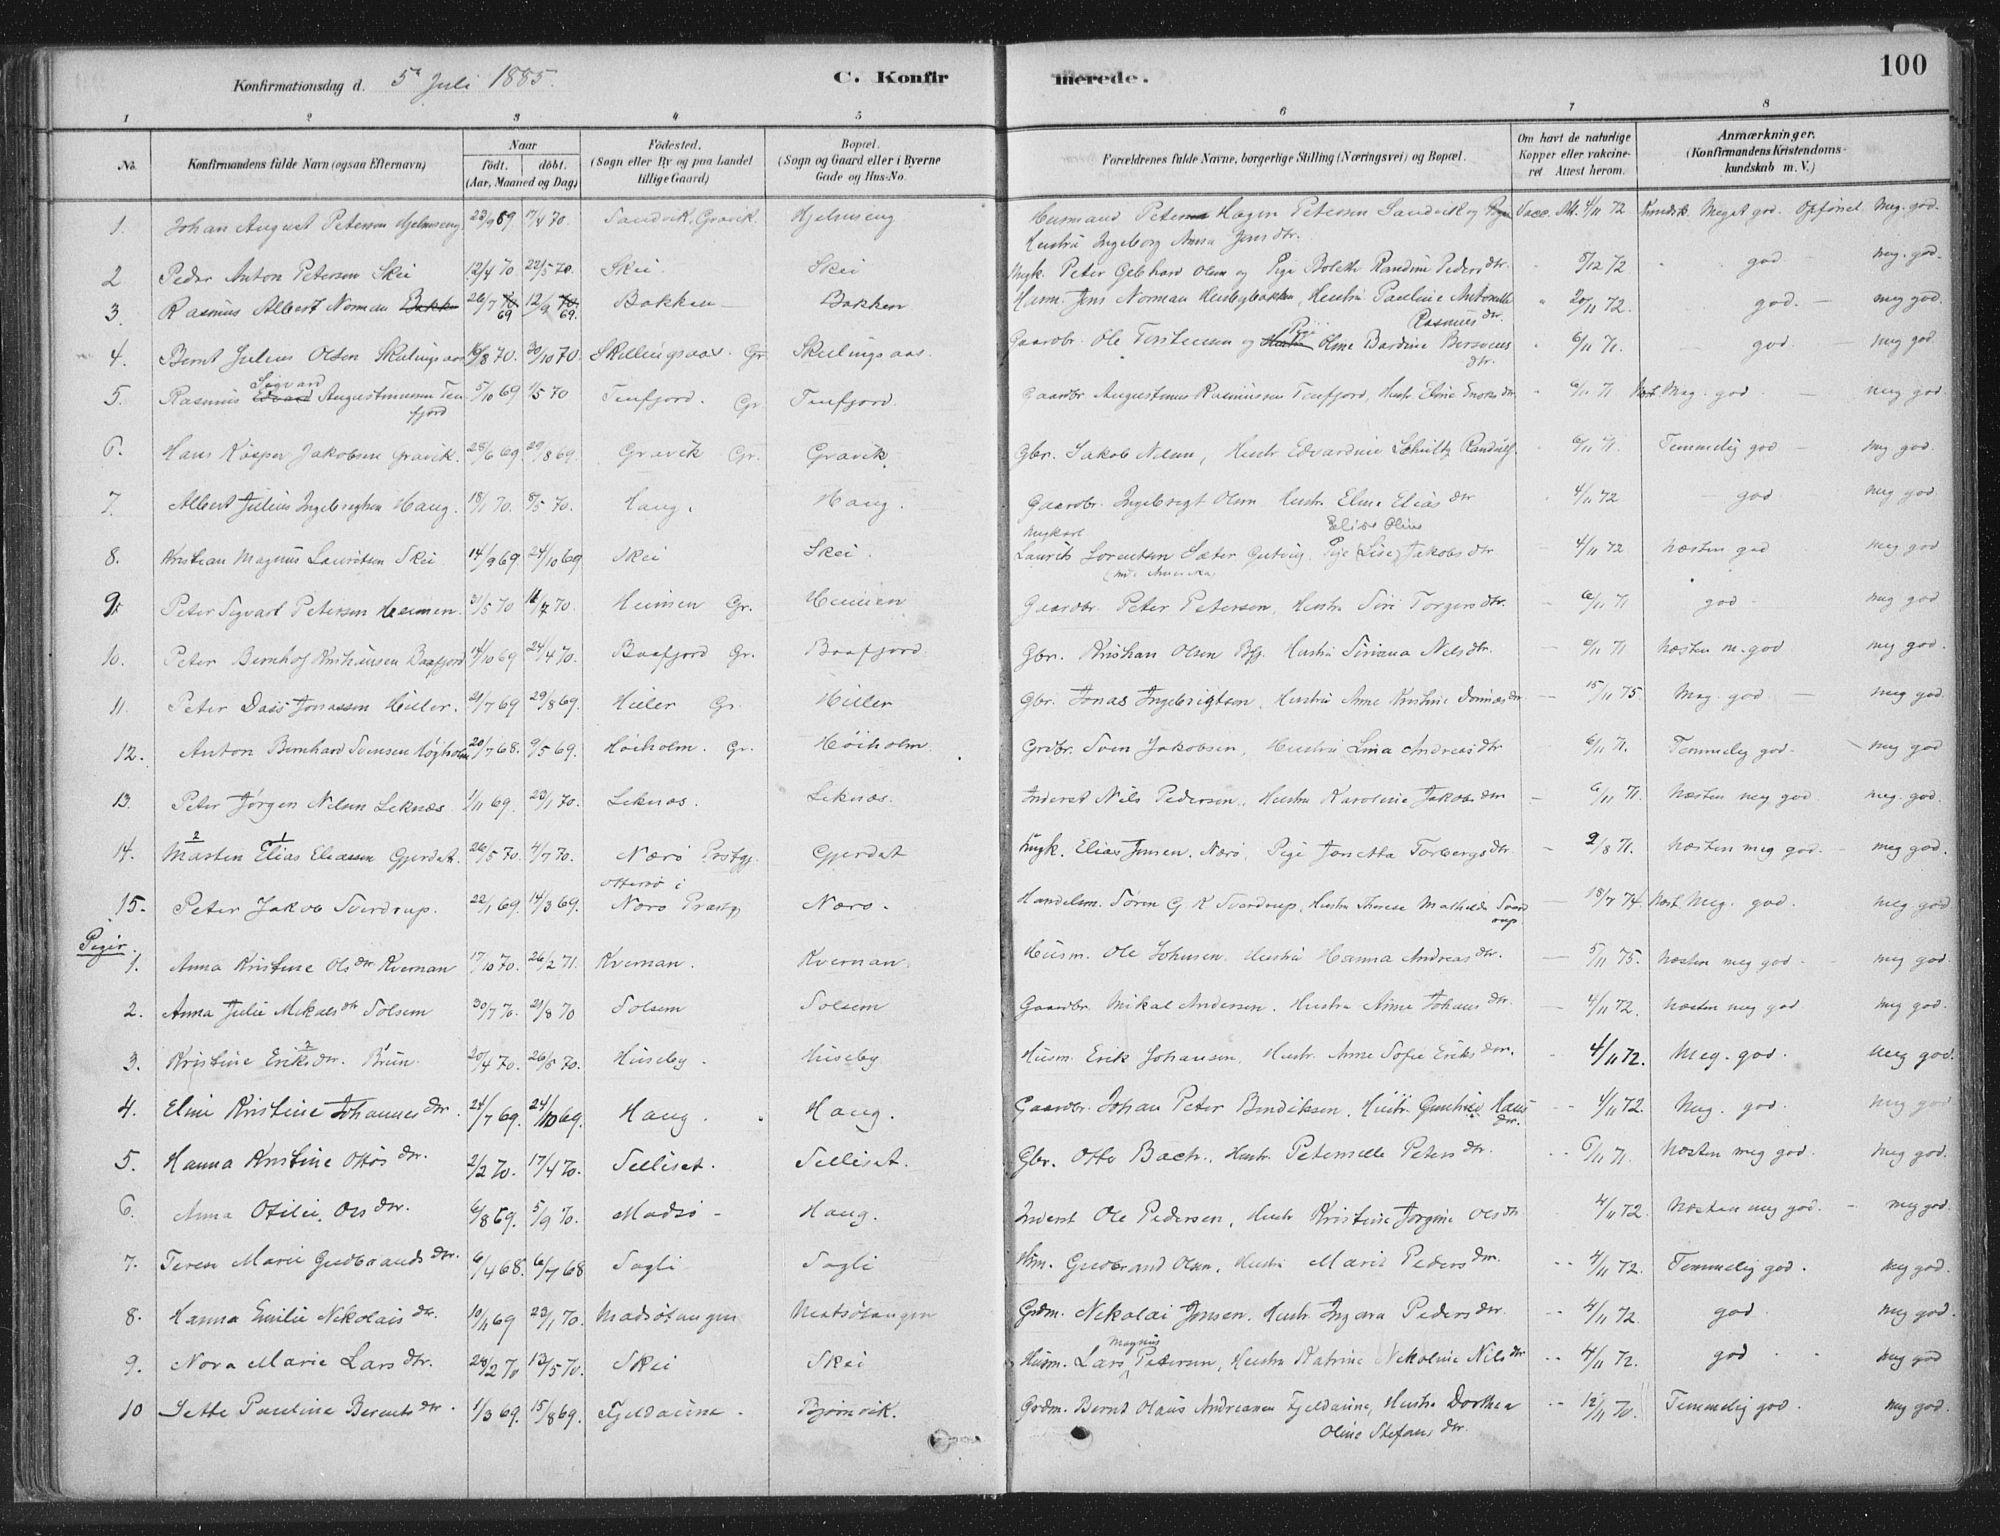 SAT, Ministerialprotokoller, klokkerbøker og fødselsregistre - Nord-Trøndelag, 788/L0697: Ministerialbok nr. 788A04, 1878-1902, s. 100